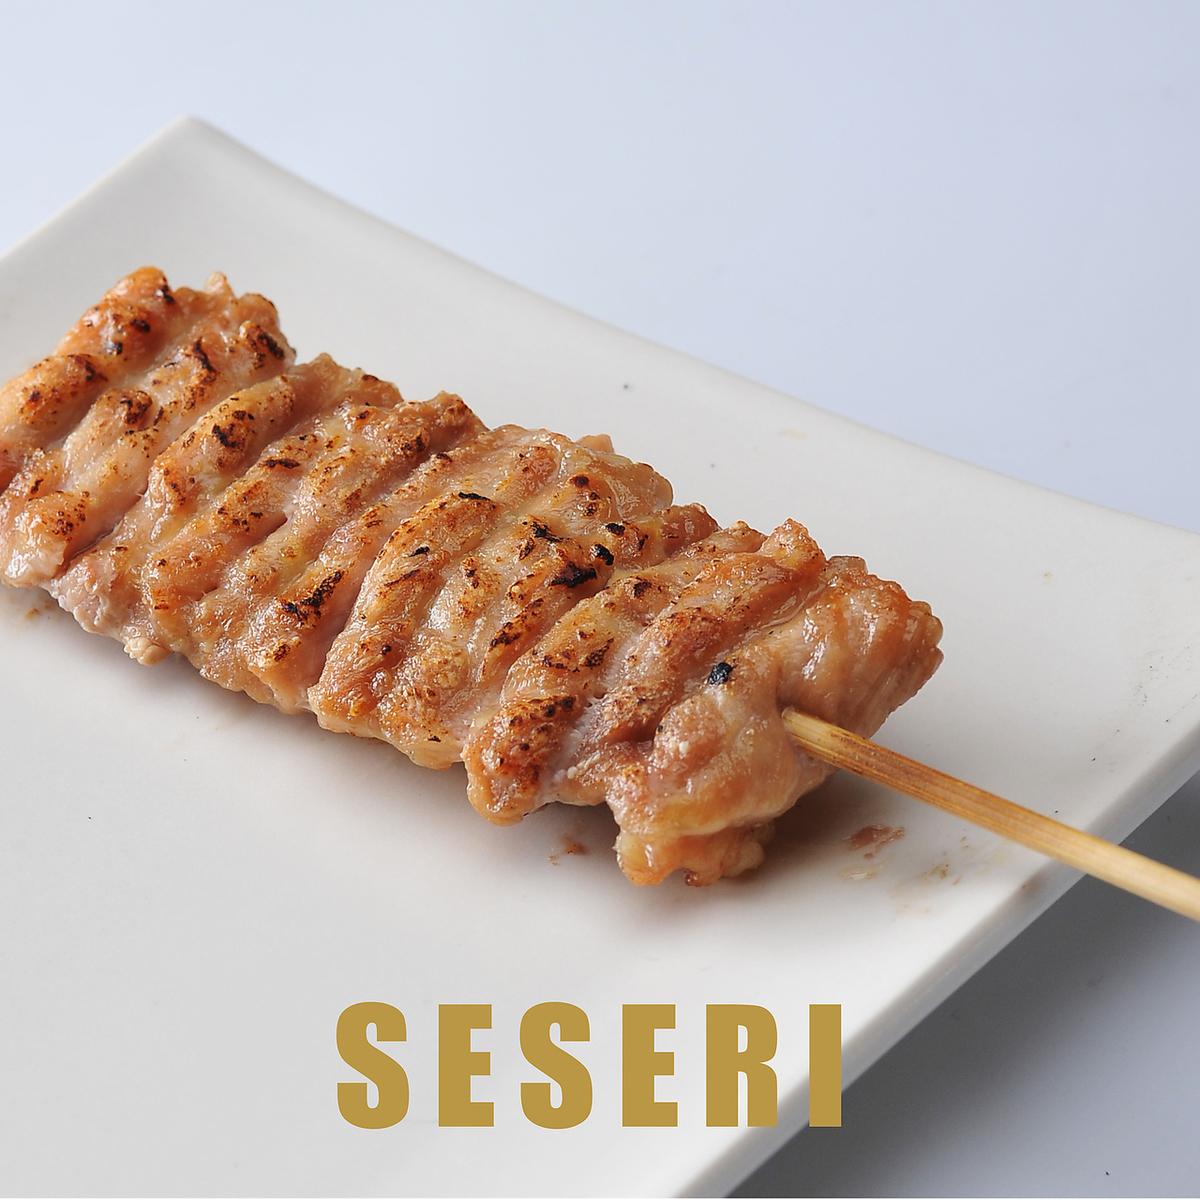 セセリ(塩/タレ)